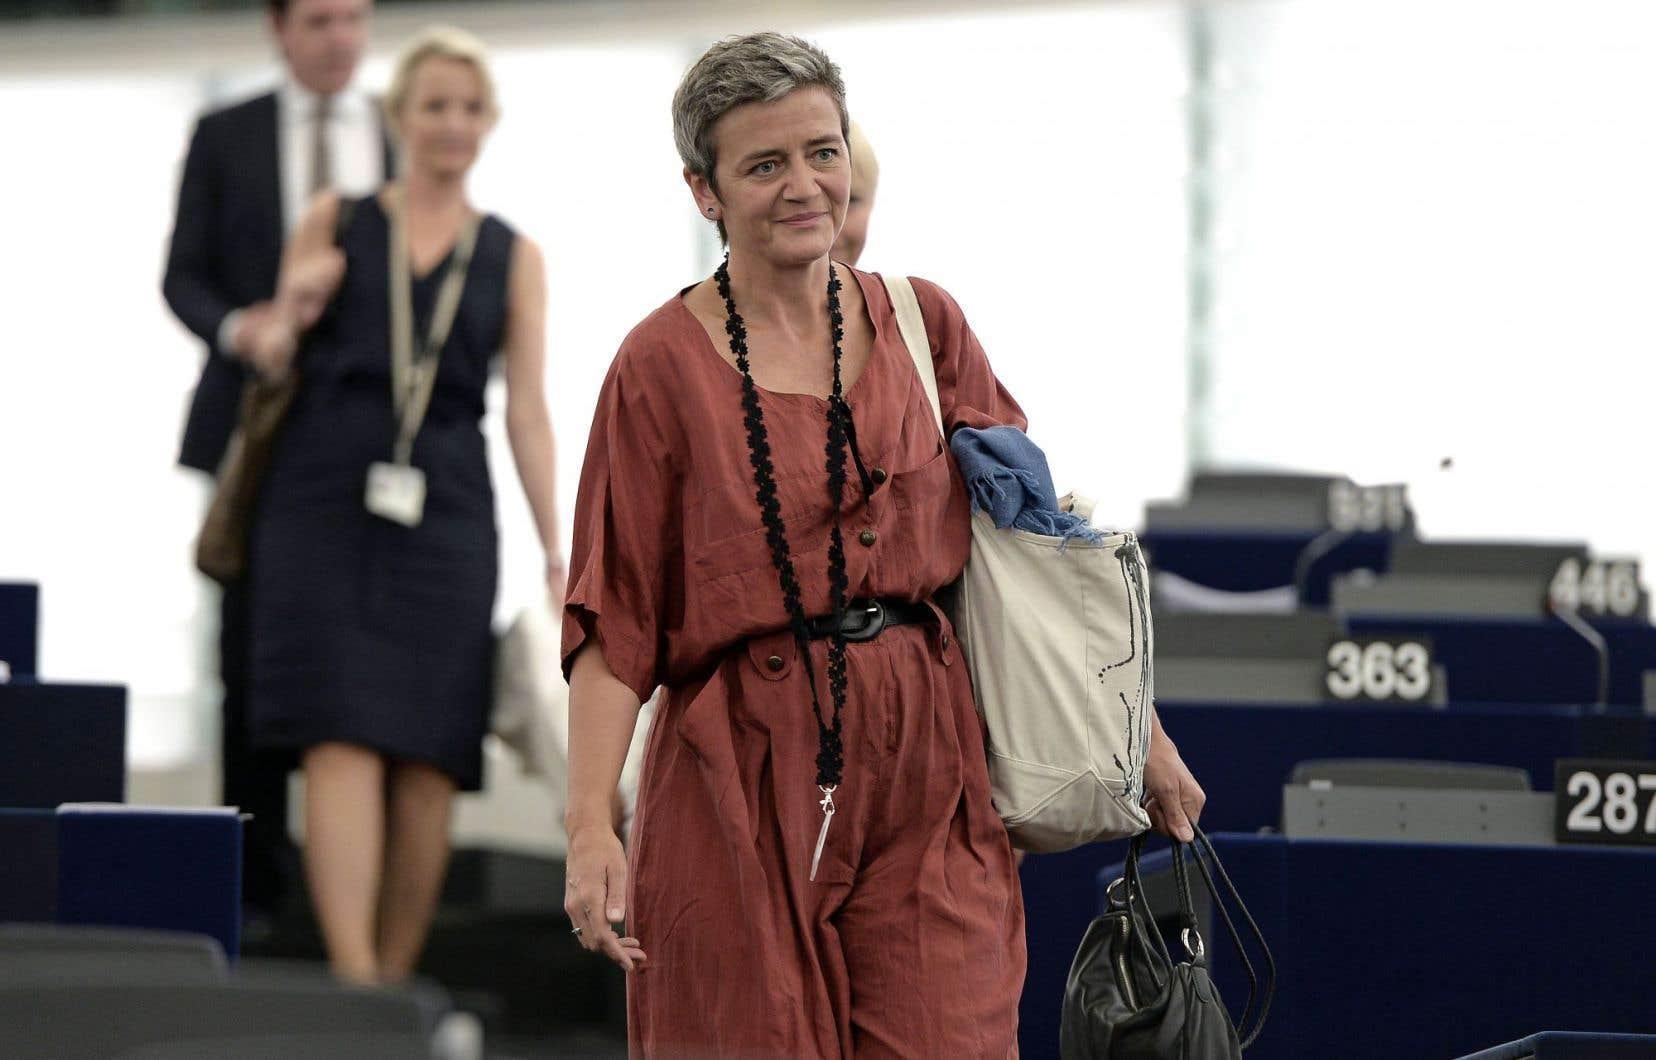 Les eurodéputés ont accueilli avec enthousiasme la commissaire à la Concurrence, Margrethe Vestager, qui s'est attaquée à Apple.